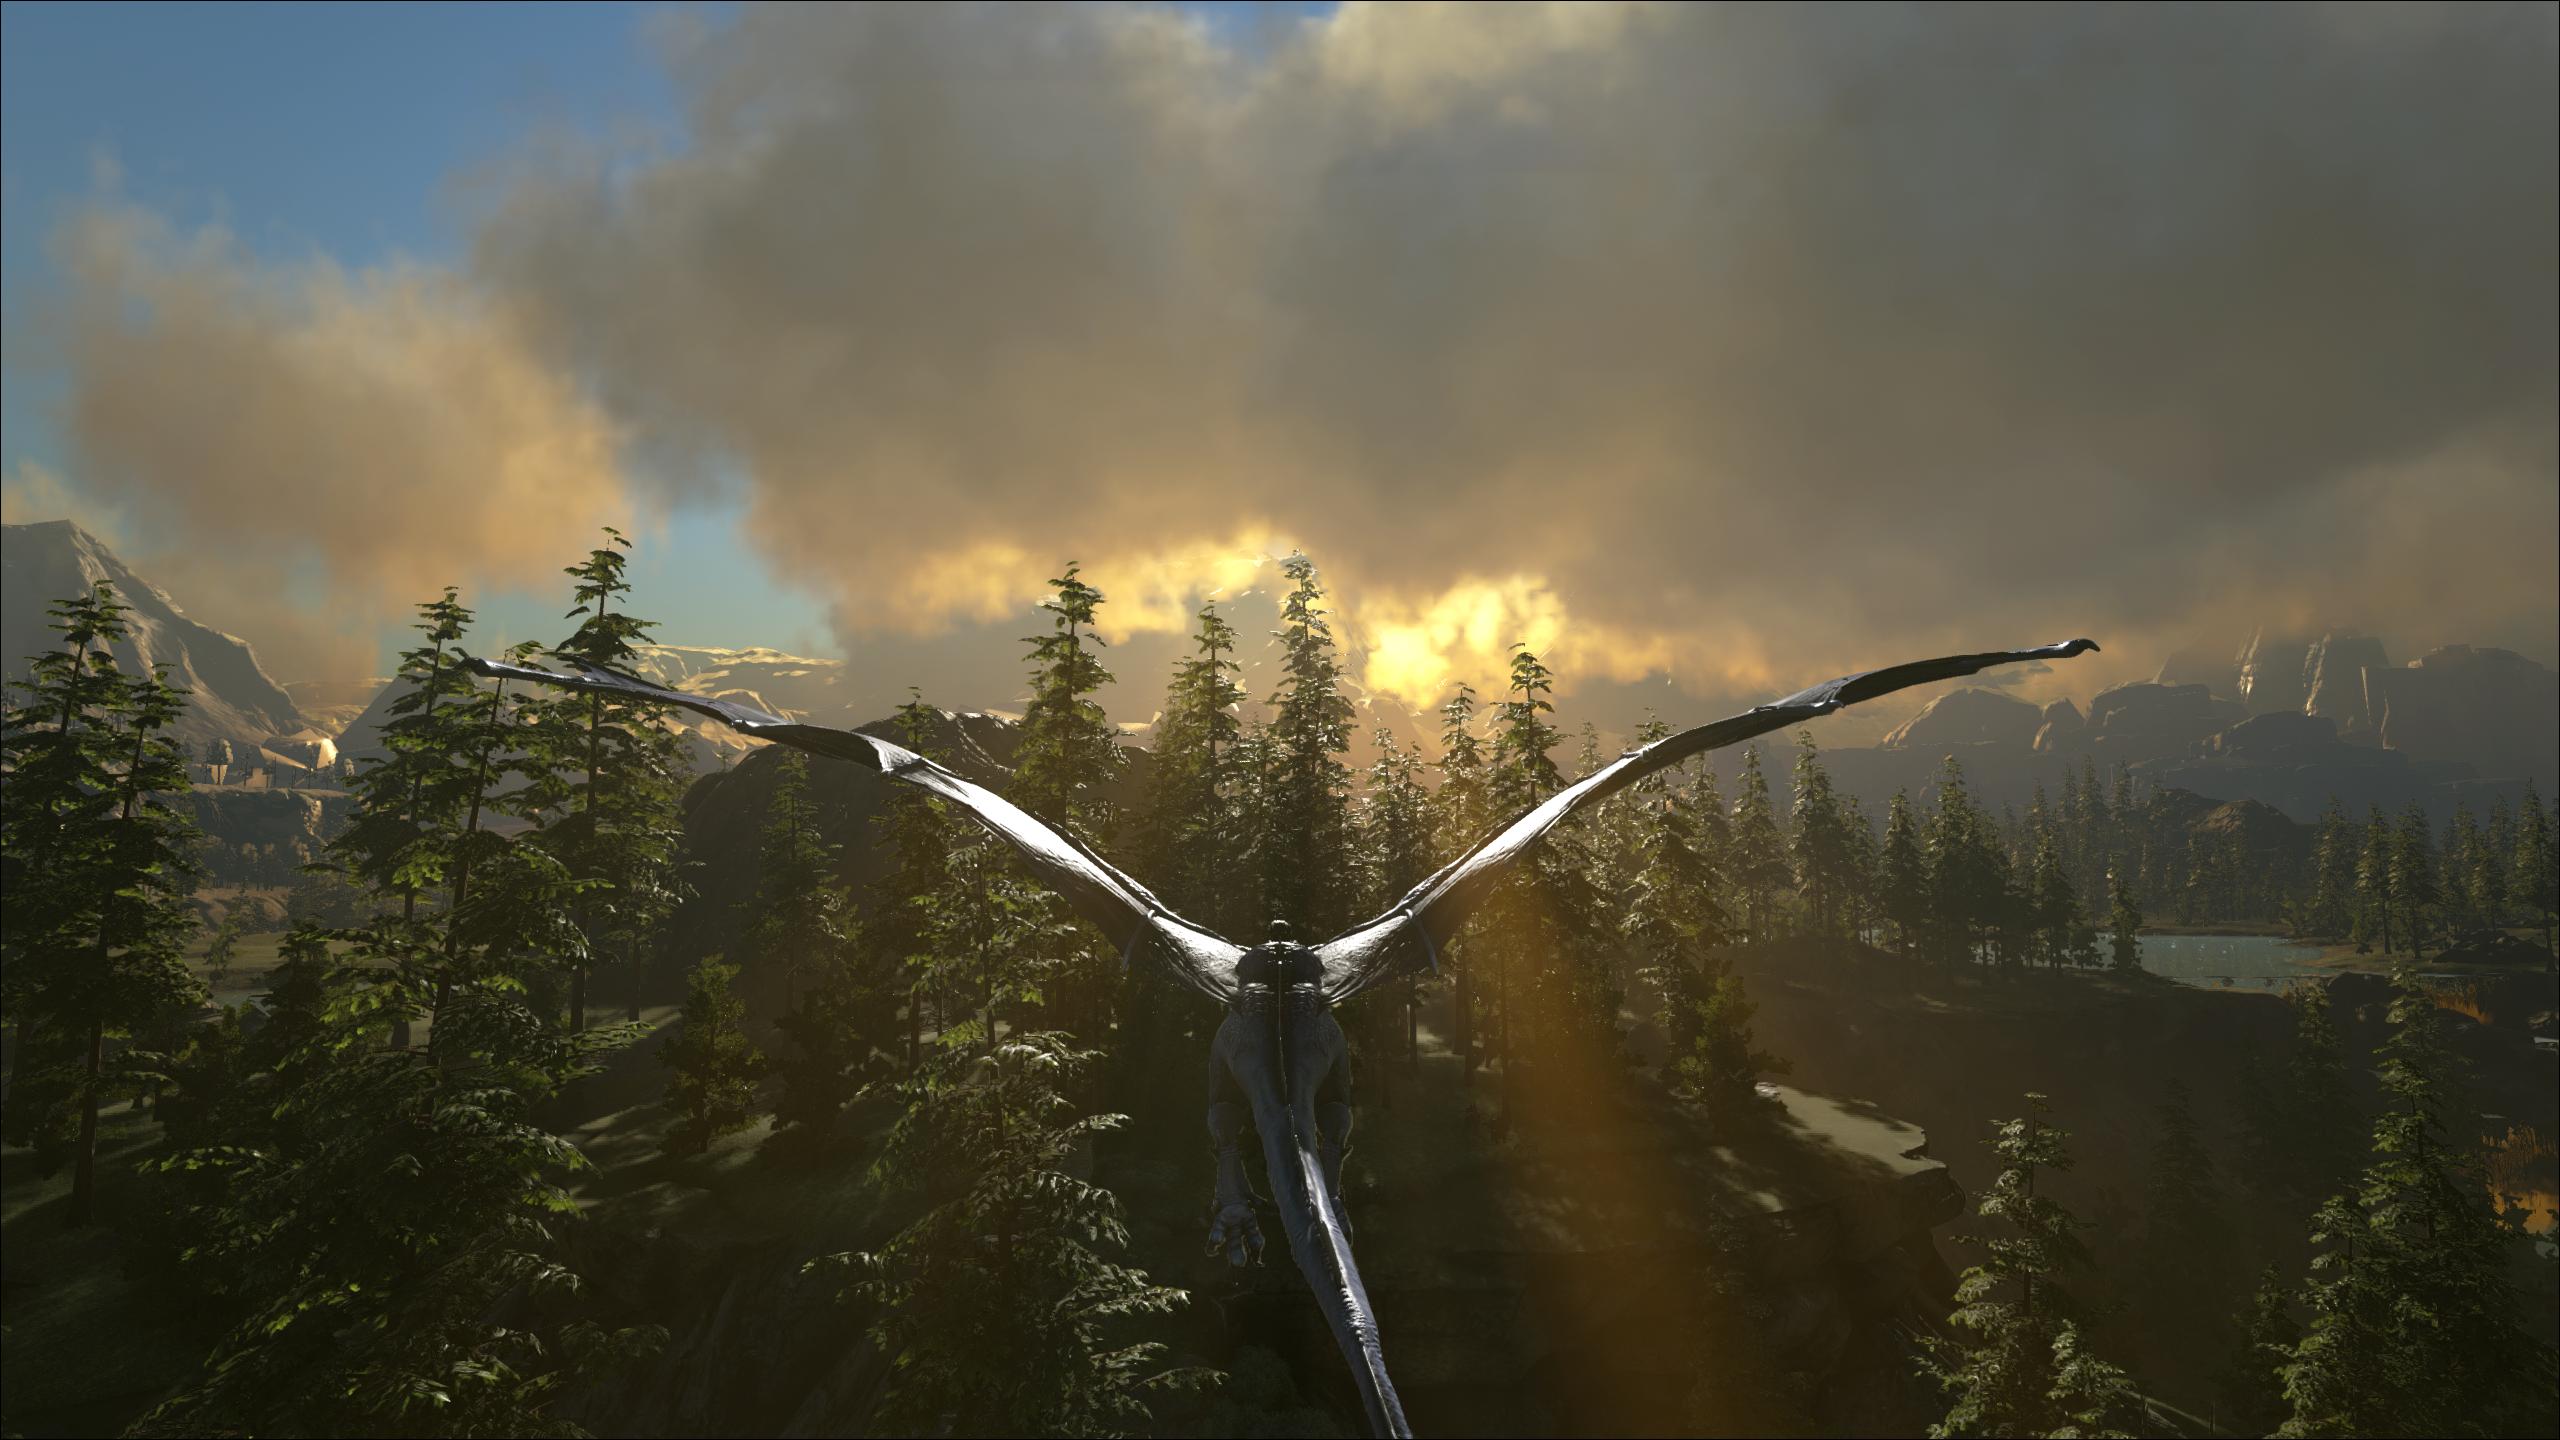 A Lightning Wyvern in flight